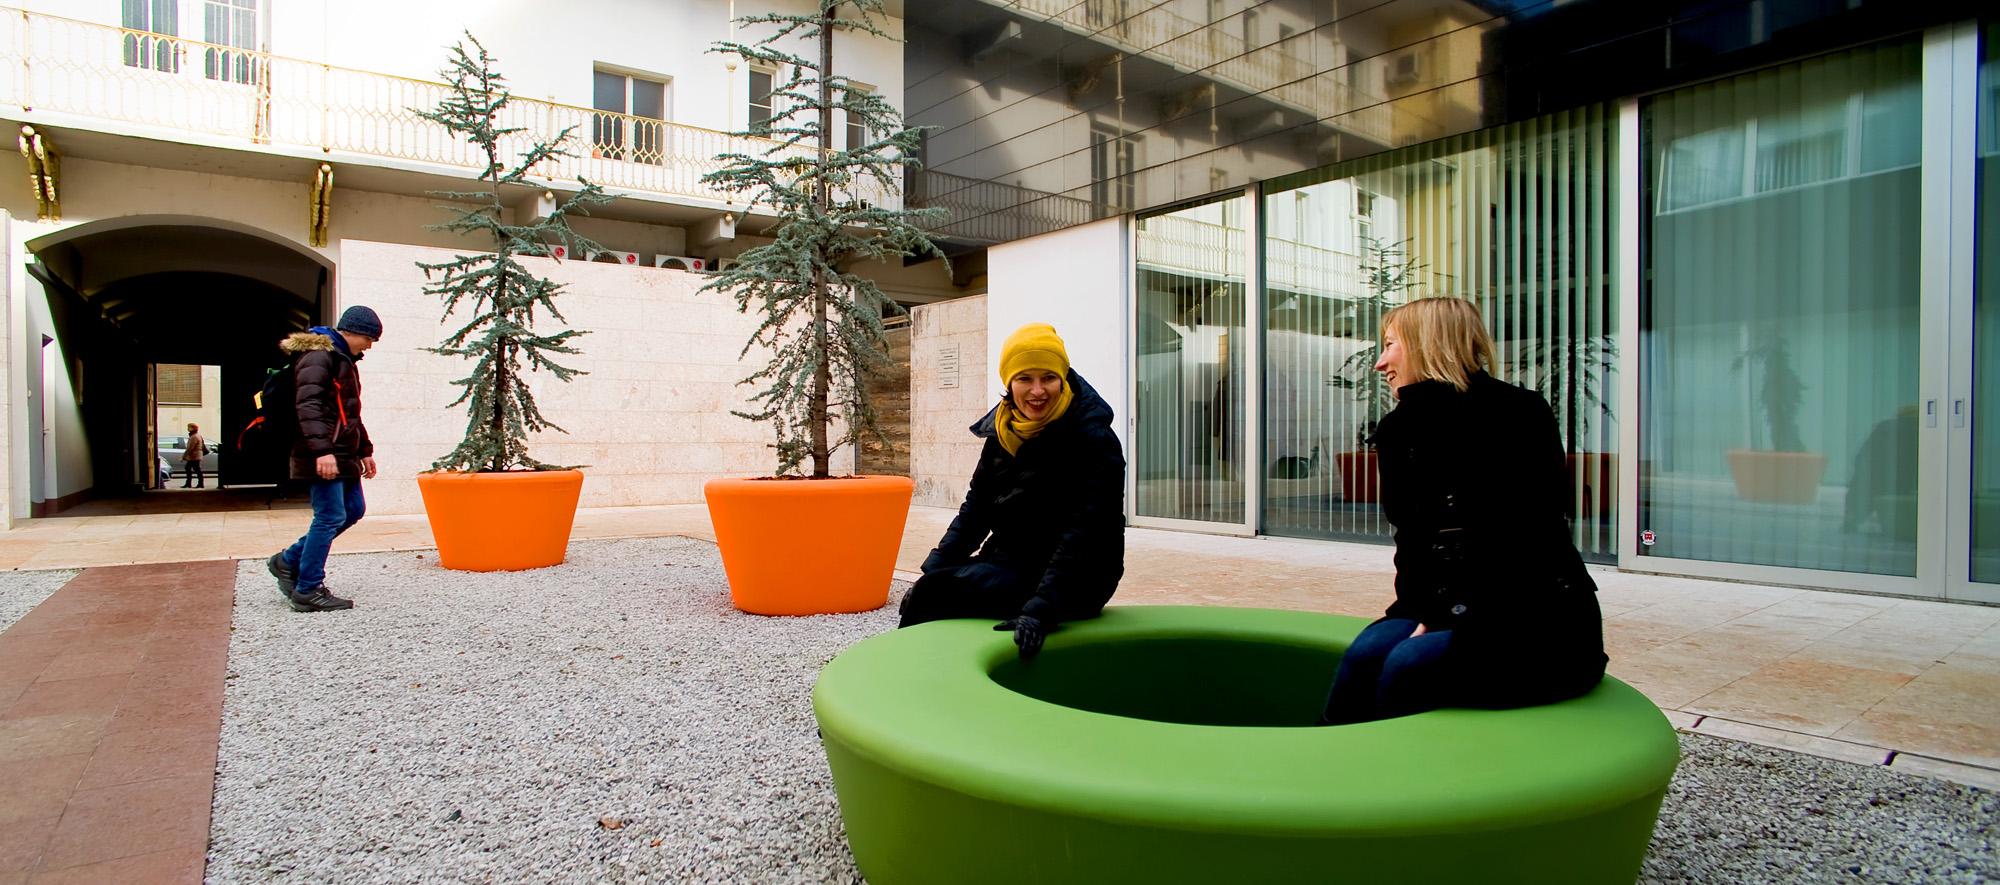 Loop Cone plantenbak creëert een gezellige omgeving